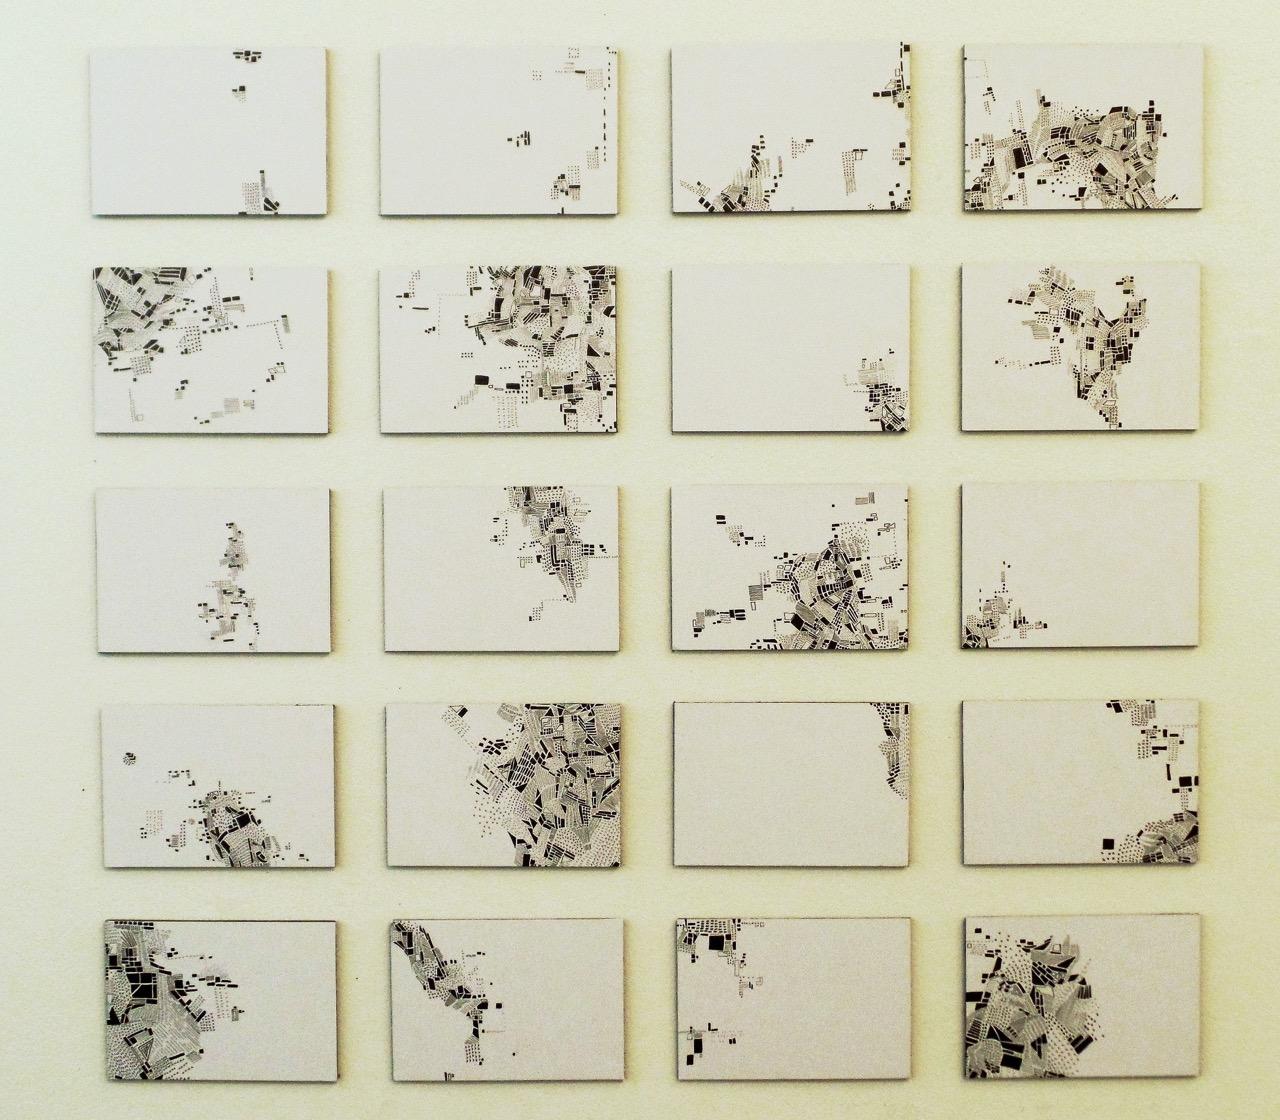 3.sans-titre, bois, 15 cm x 17 cm, 2015